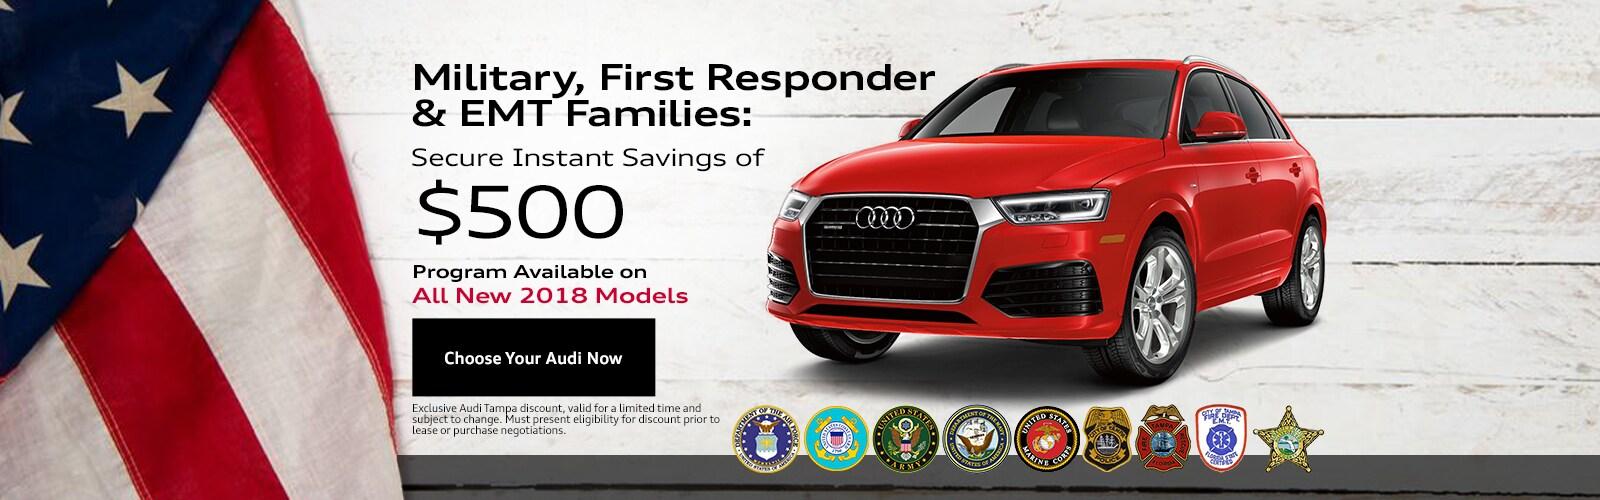 Audi Tampa New Audi Dealership In Tampa FL - Audi tampa